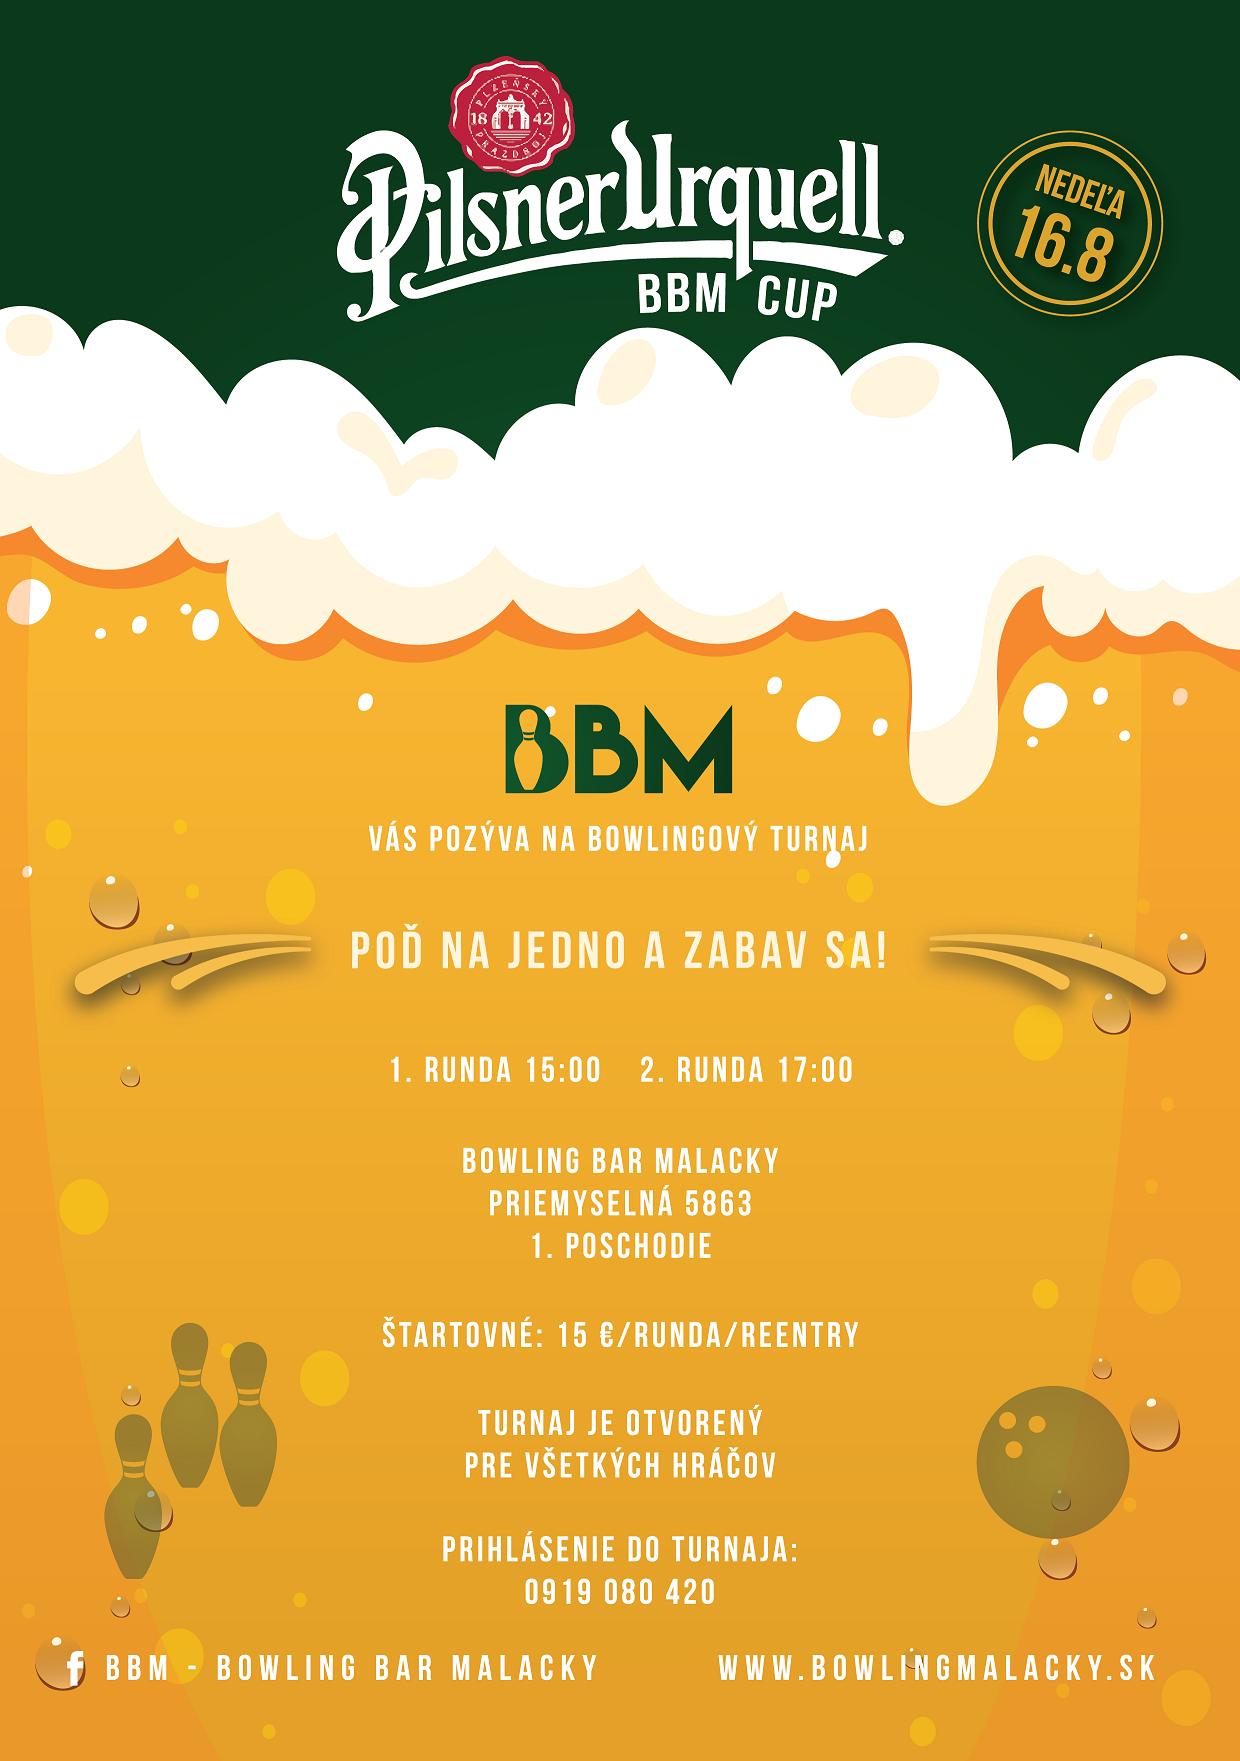 Pilsner Urquell BBM cup